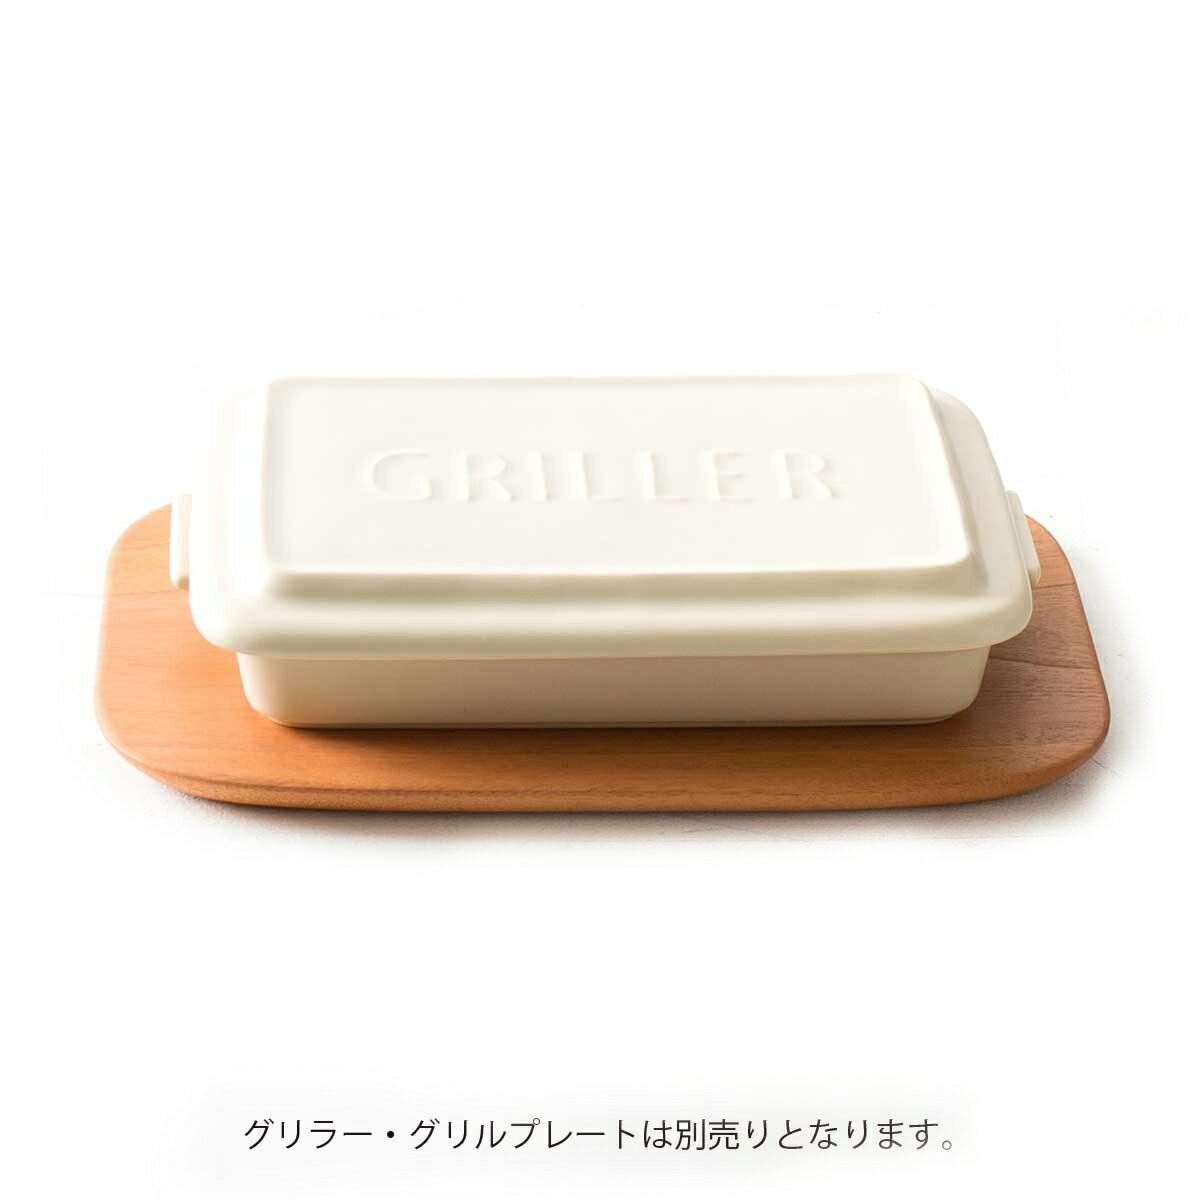 鍋敷き 鍋しき チーズボード ブレッドボード [〈イブキクラフト TOOL-S 〉ウッドボード-L] まな板 木 サラサデザインストア